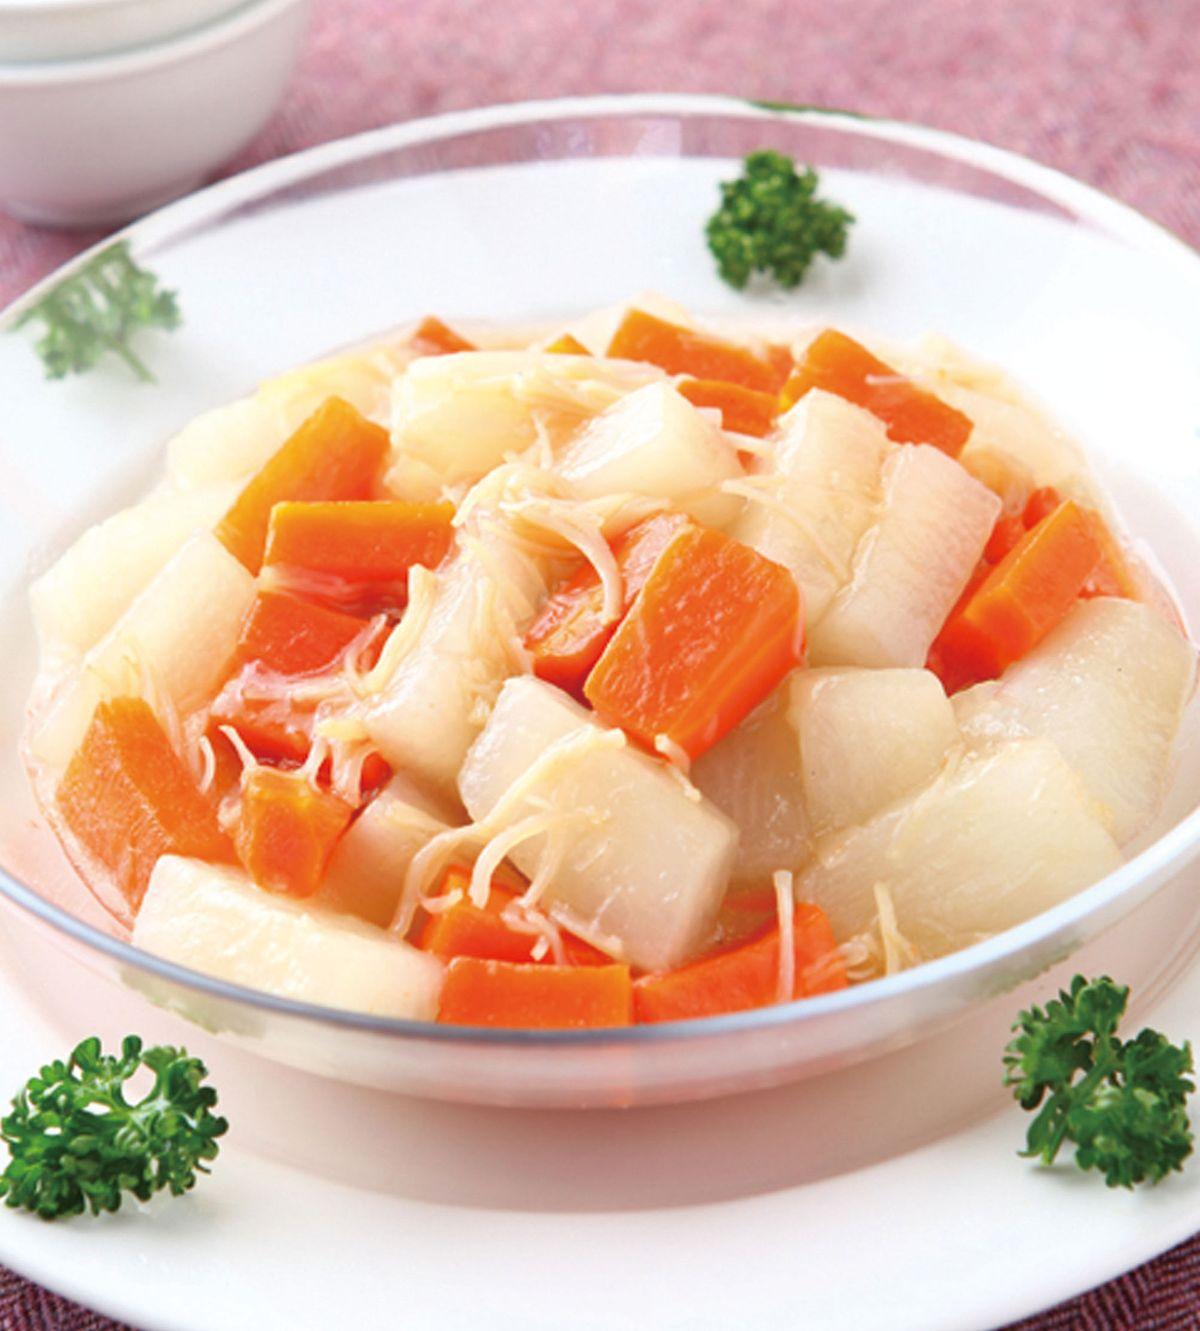 食譜:干貝燴金銀蘿蔔